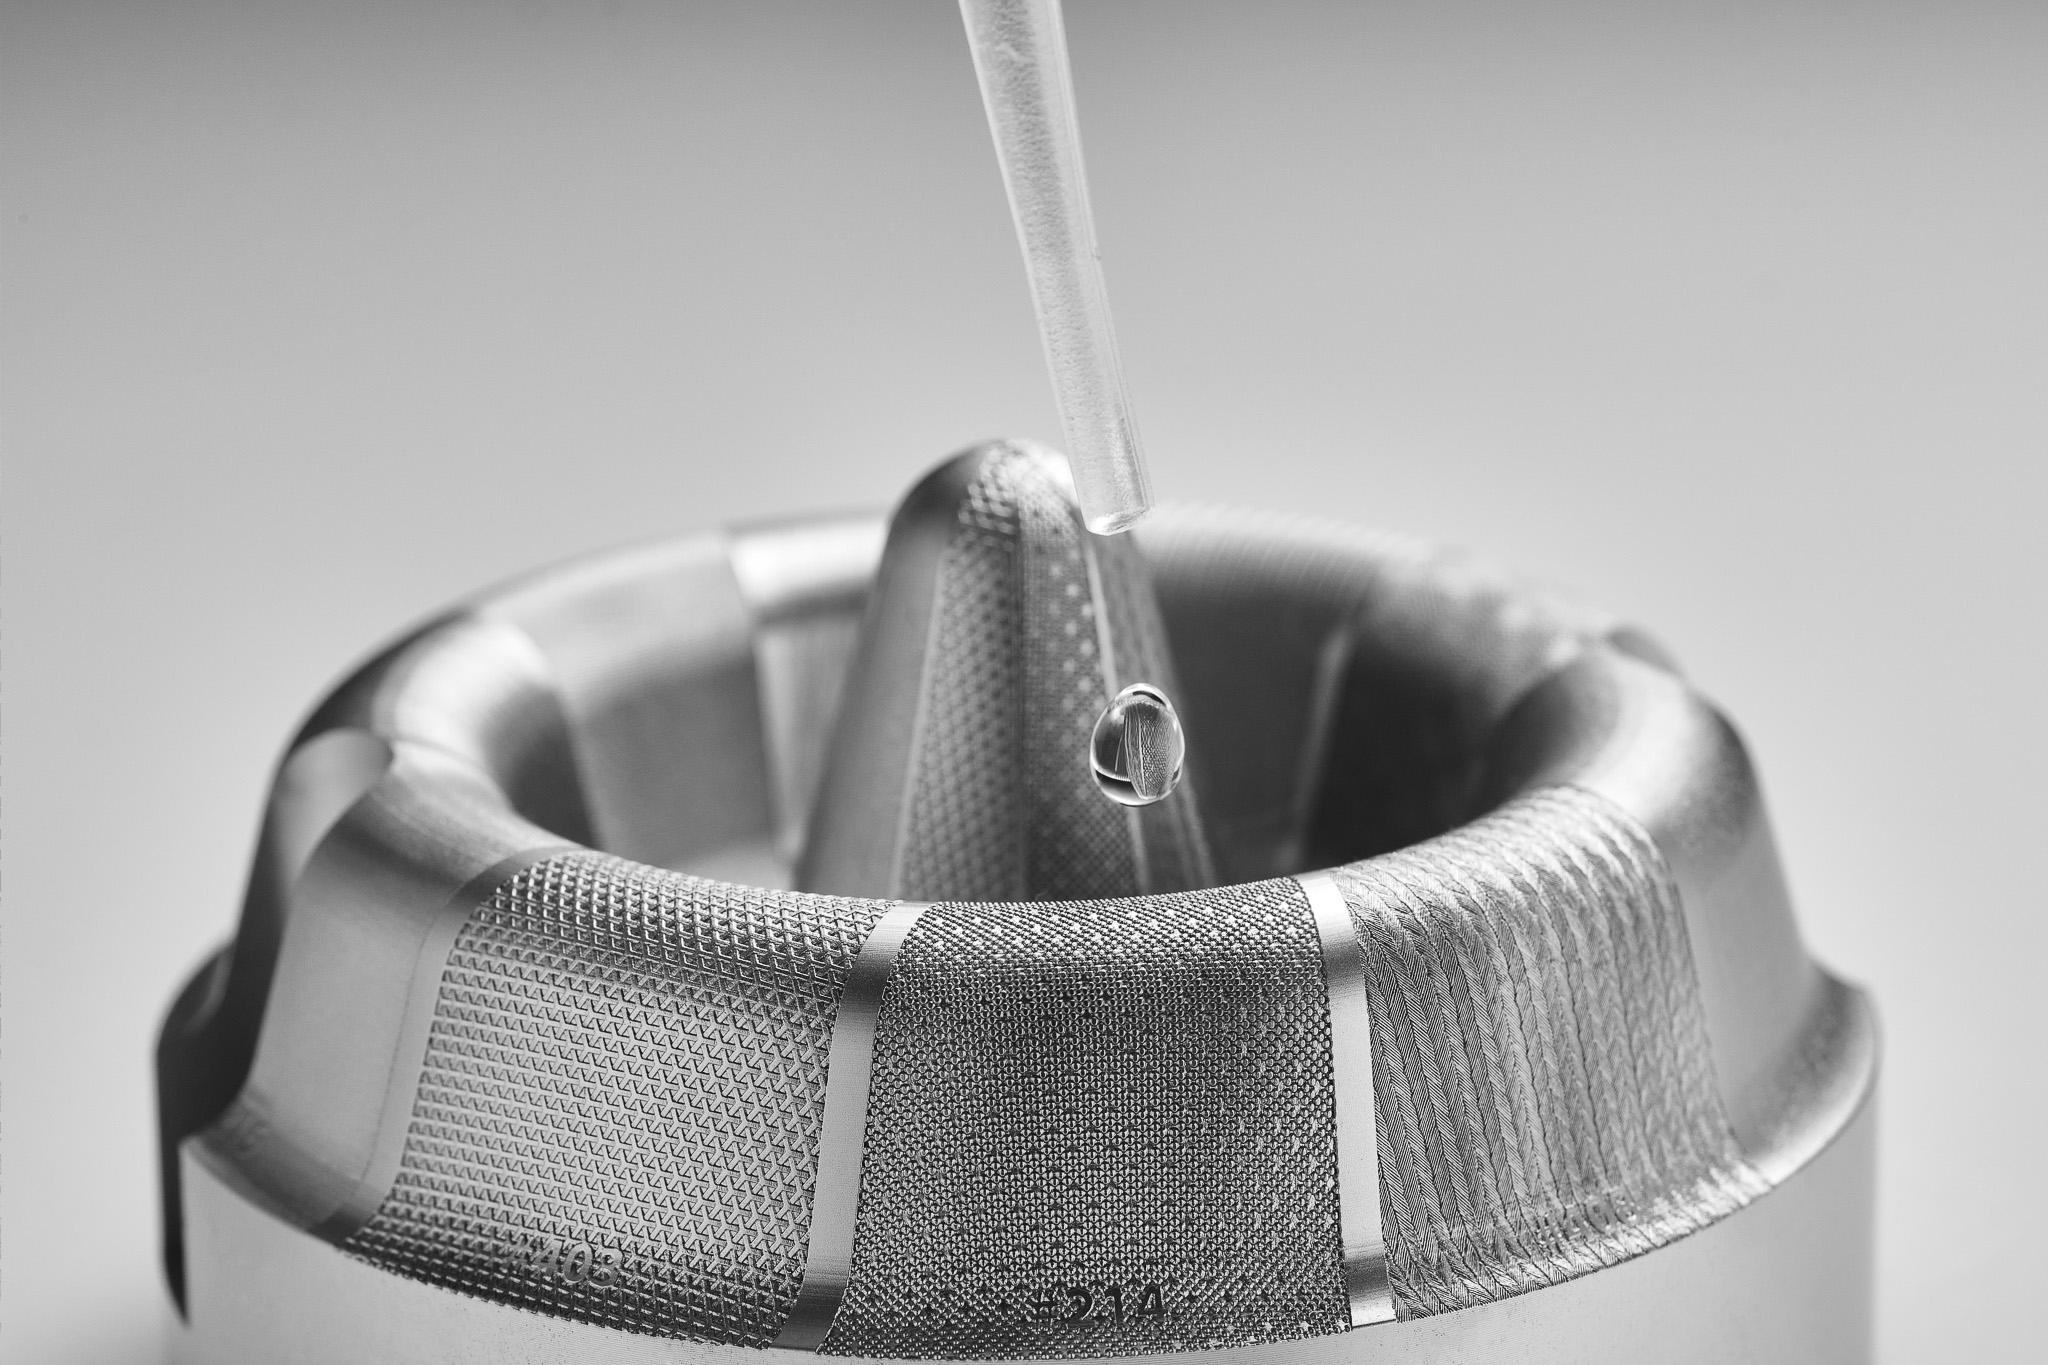 Mikrostrukturierte Oberfläche 3D-Form von HAILTEC